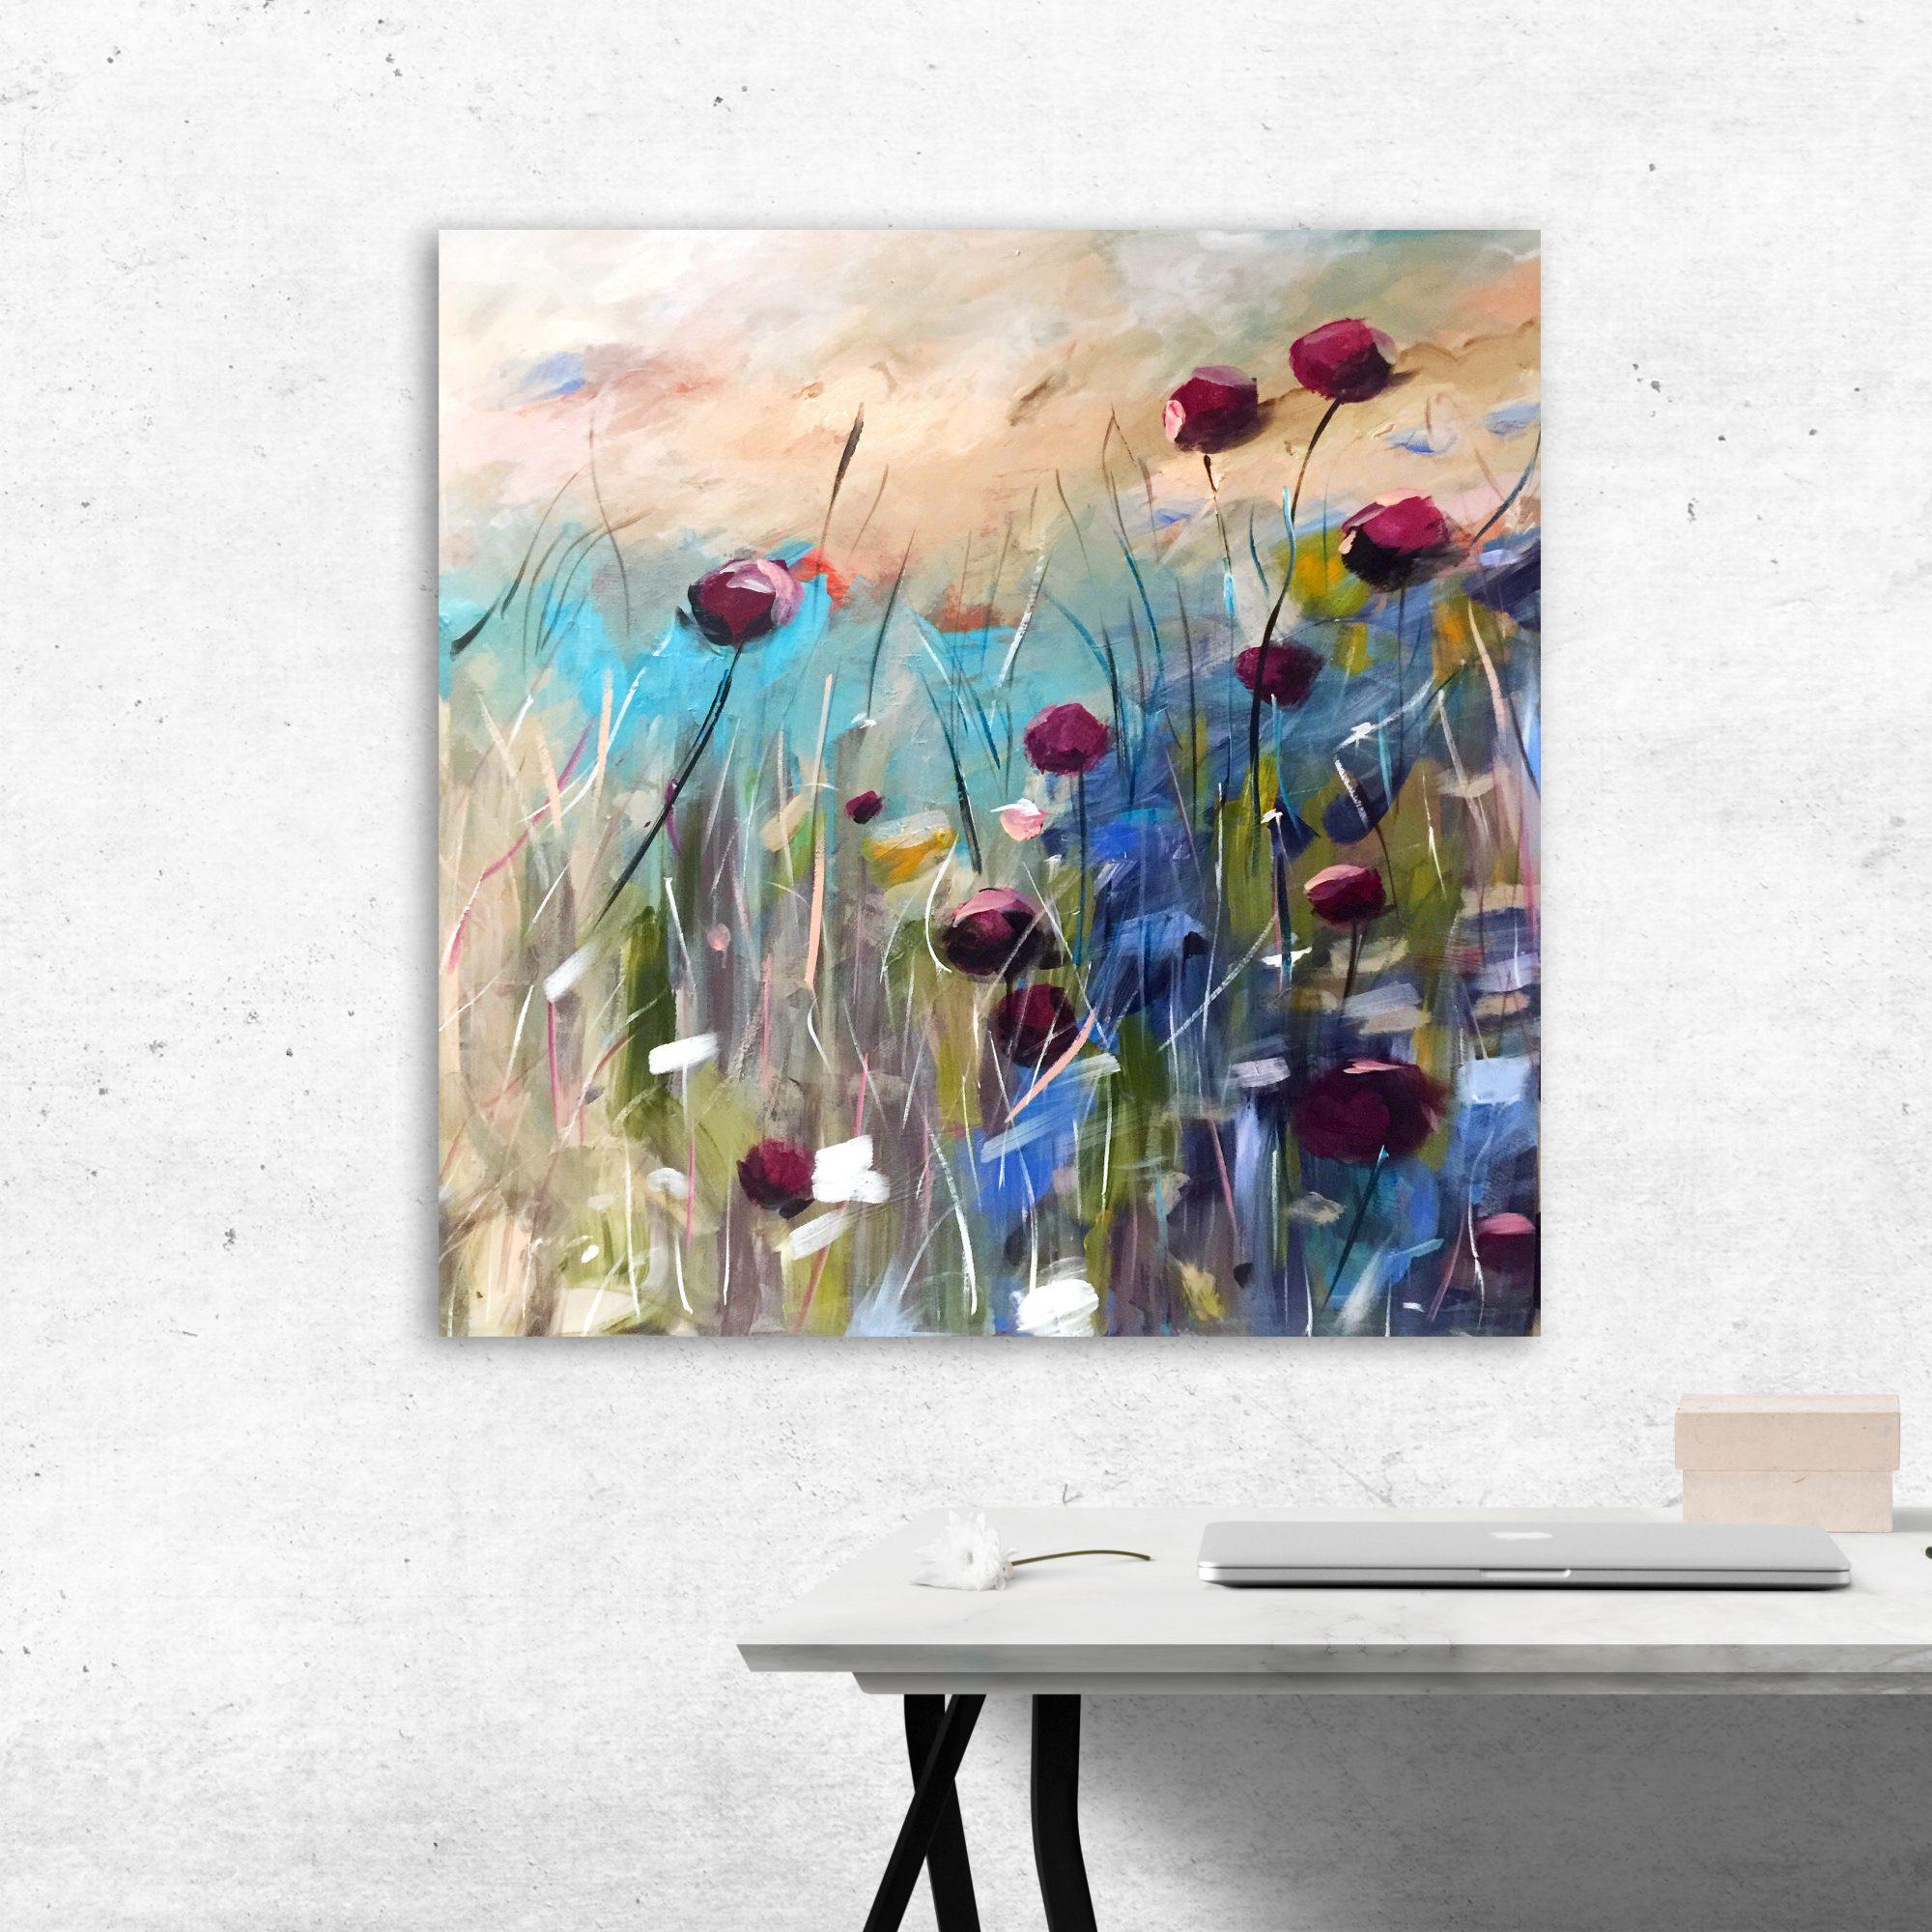 Tania-Painting1